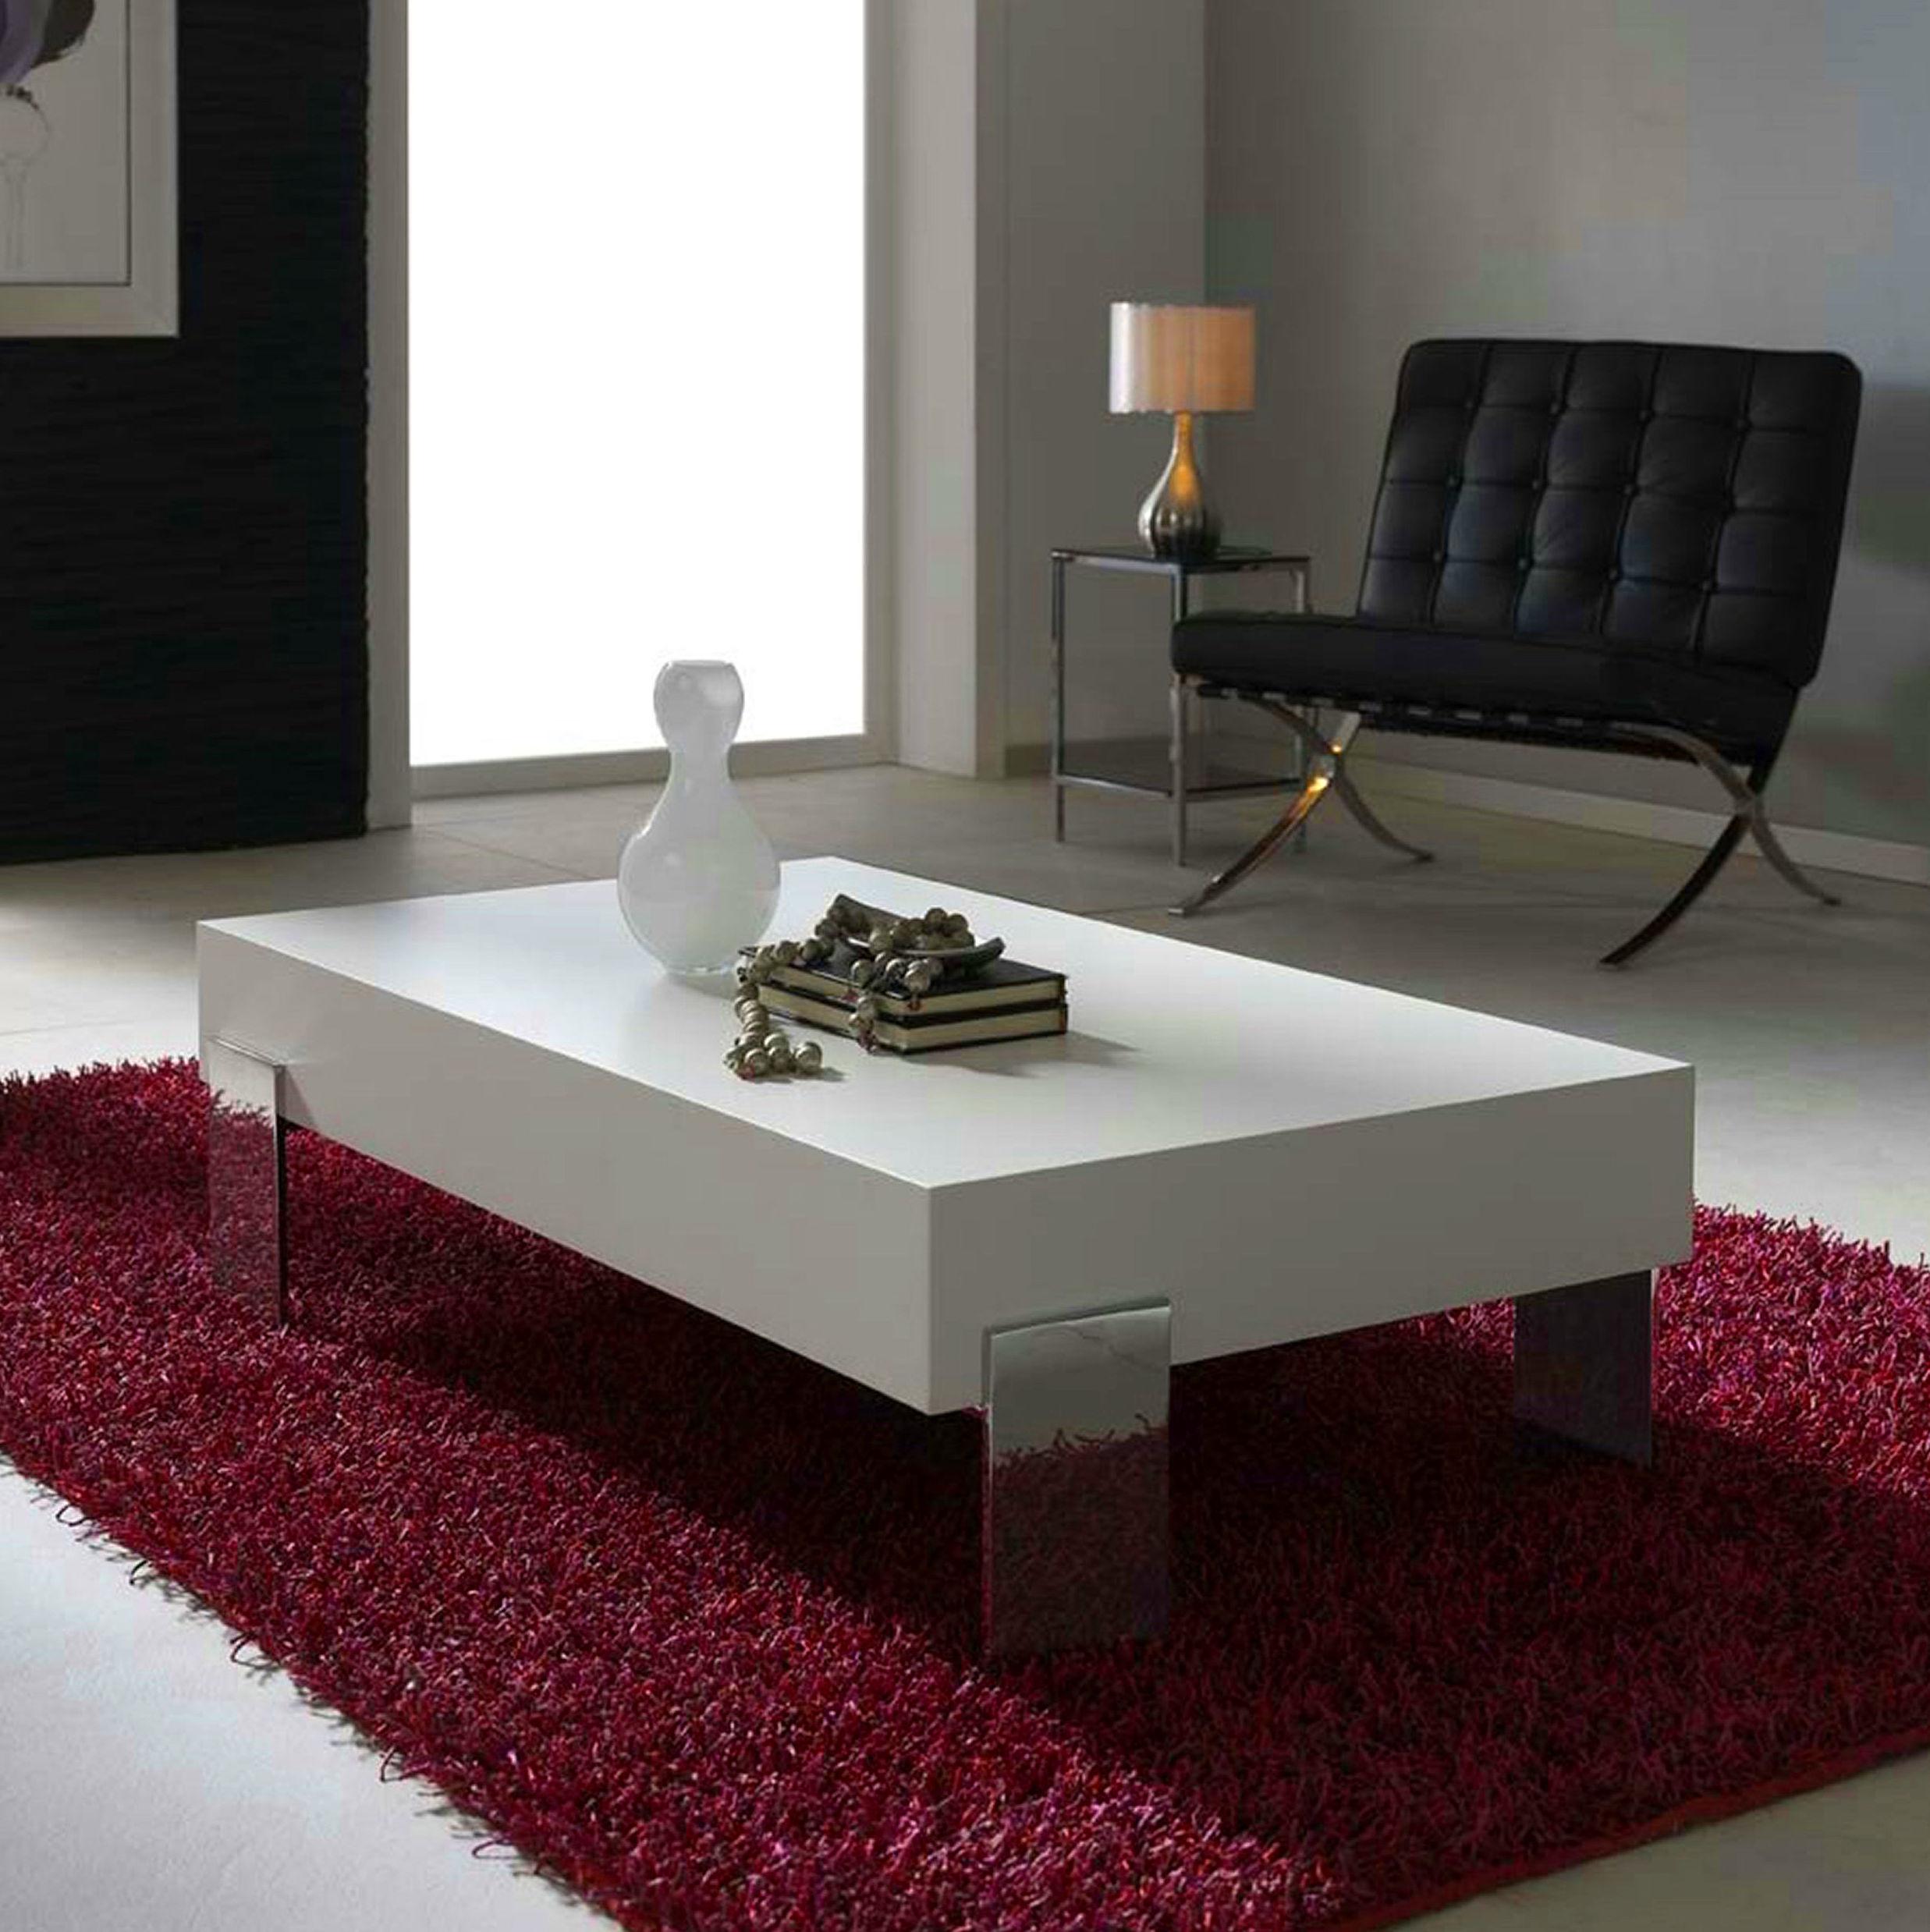 Foto 3 De Fabricaci N De Muebles En Xeraco Inedit Mobiliari # Muebles Cullera